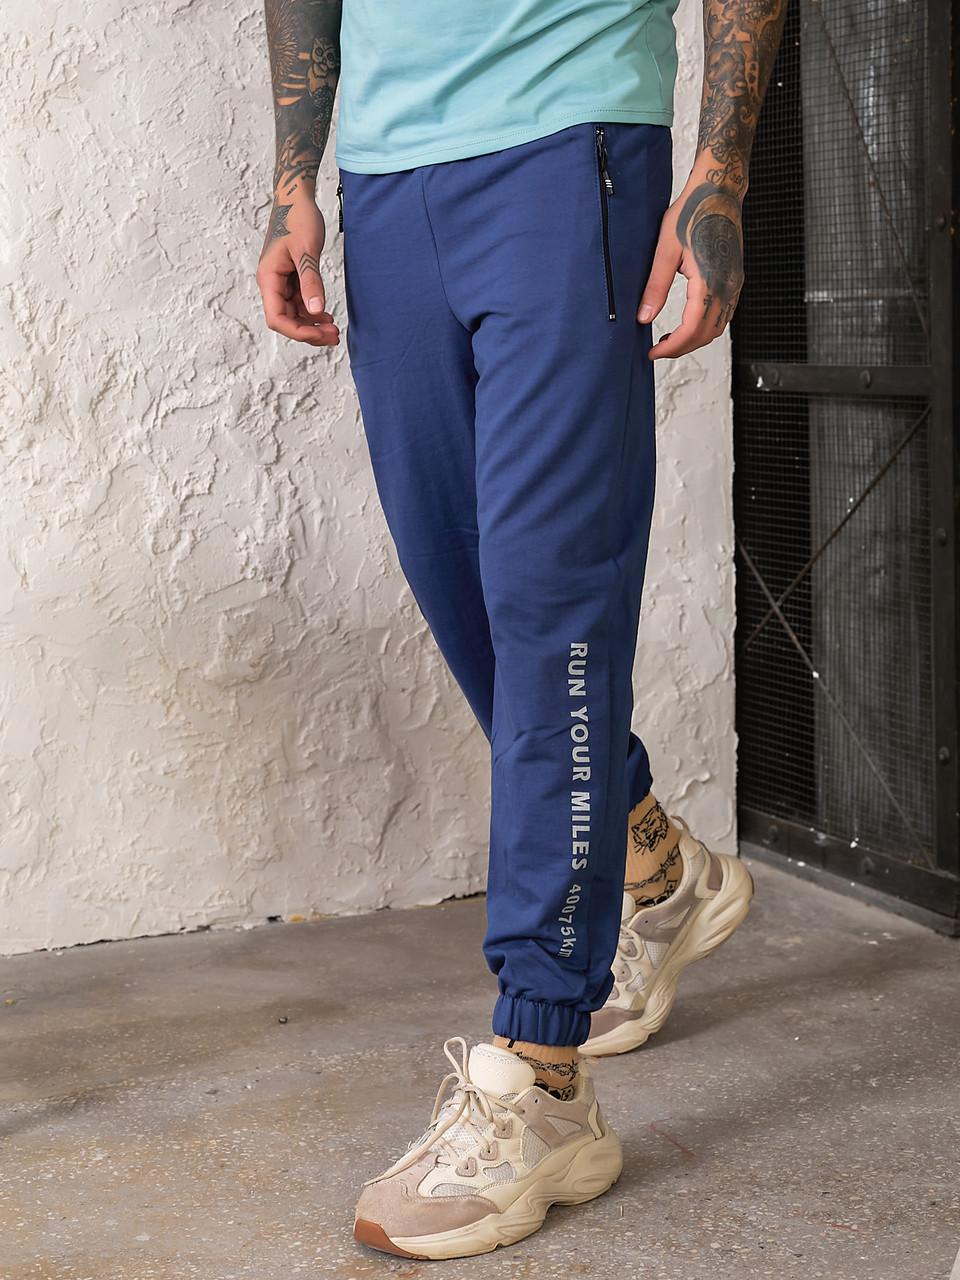 Чоловічі спортивні штани з манжетами з турецького трикотажу Tailer розміри 46-56